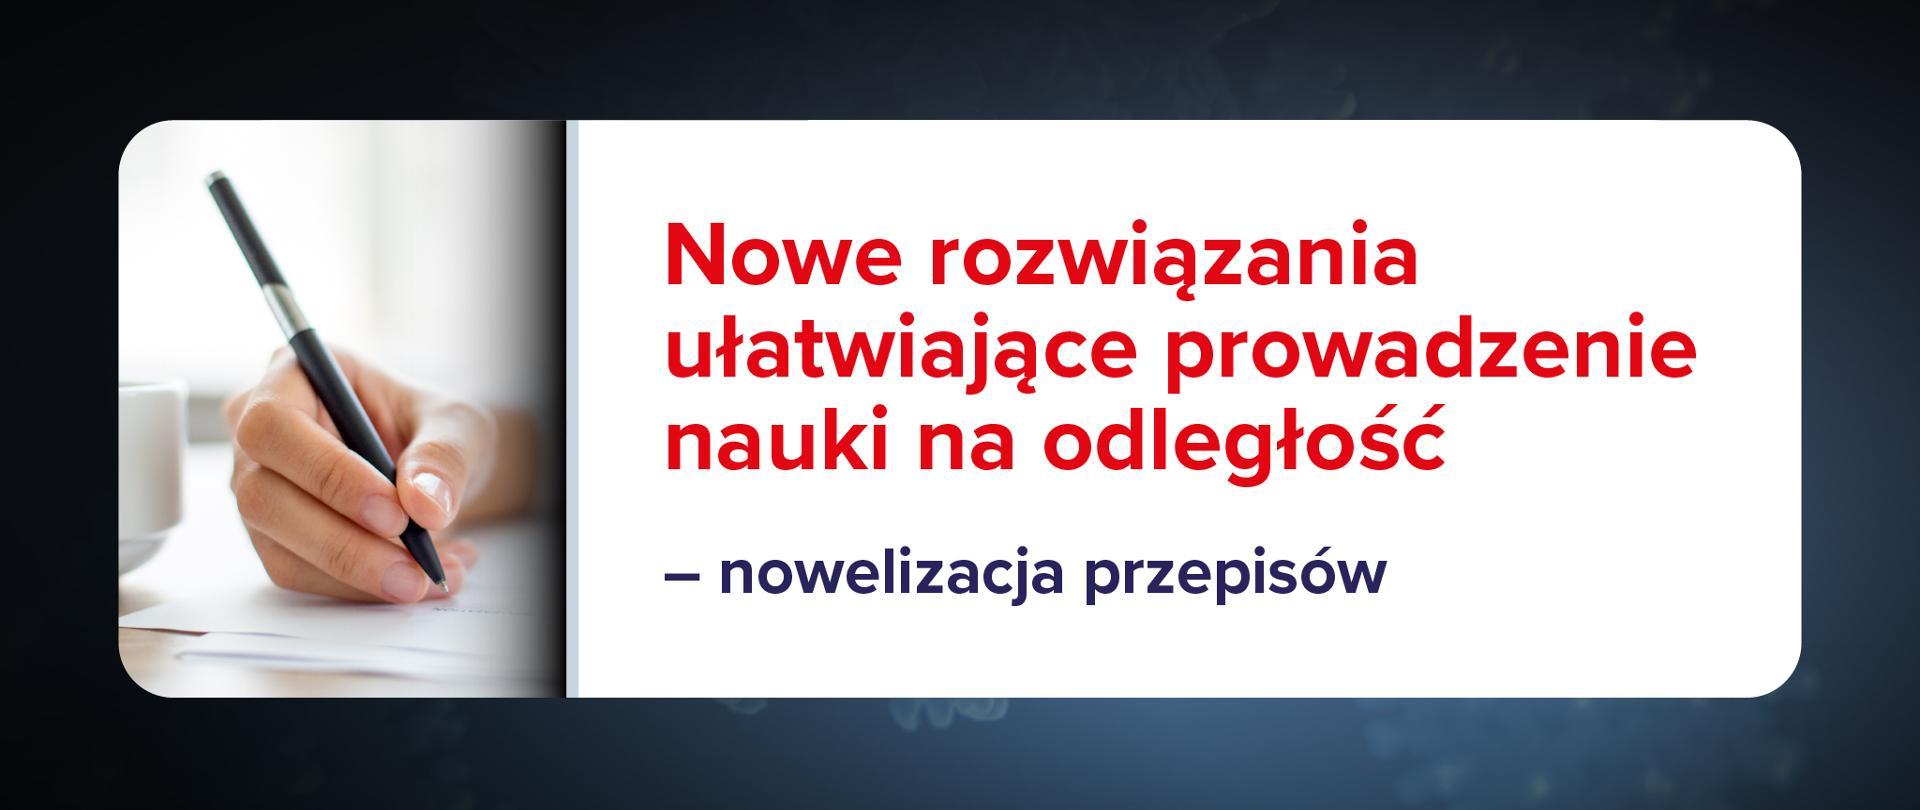 Grafika z tekstem: Nowe rozwiązania ułatwiające prowadzenie nauki na odległość – nowelizacja przepisów